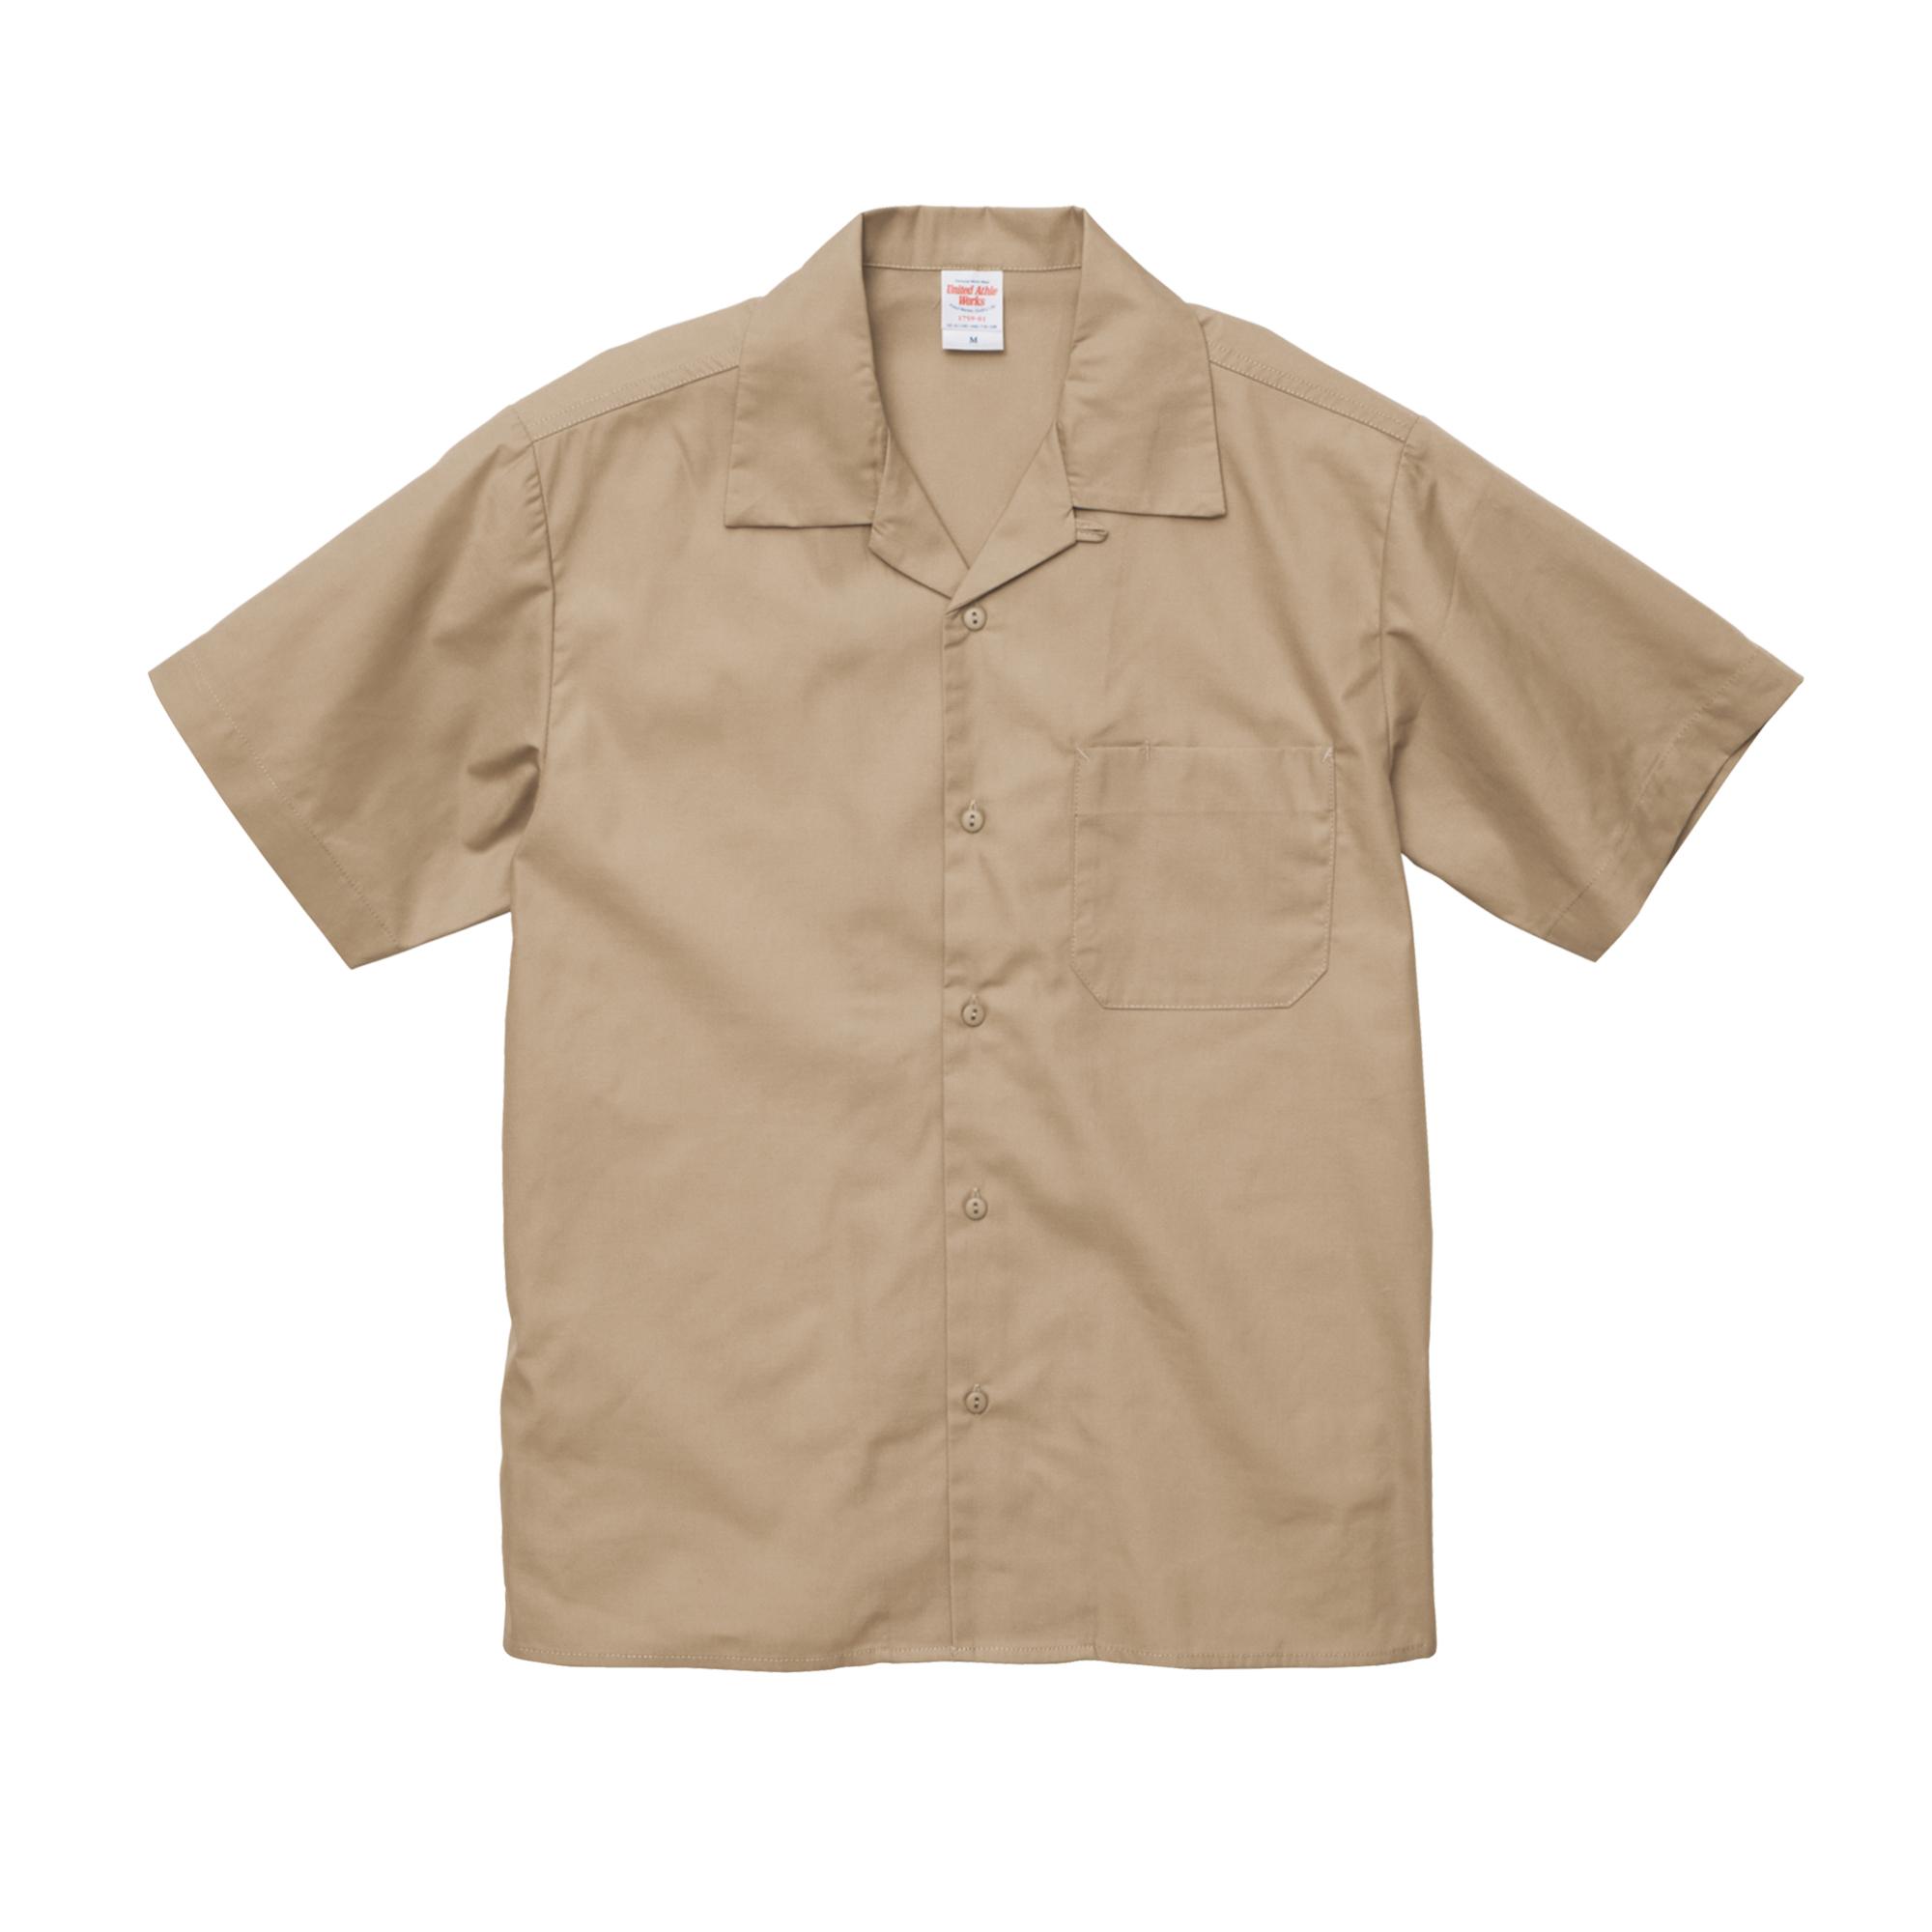 刺繍×ワークシャツ オープンカラータイプ